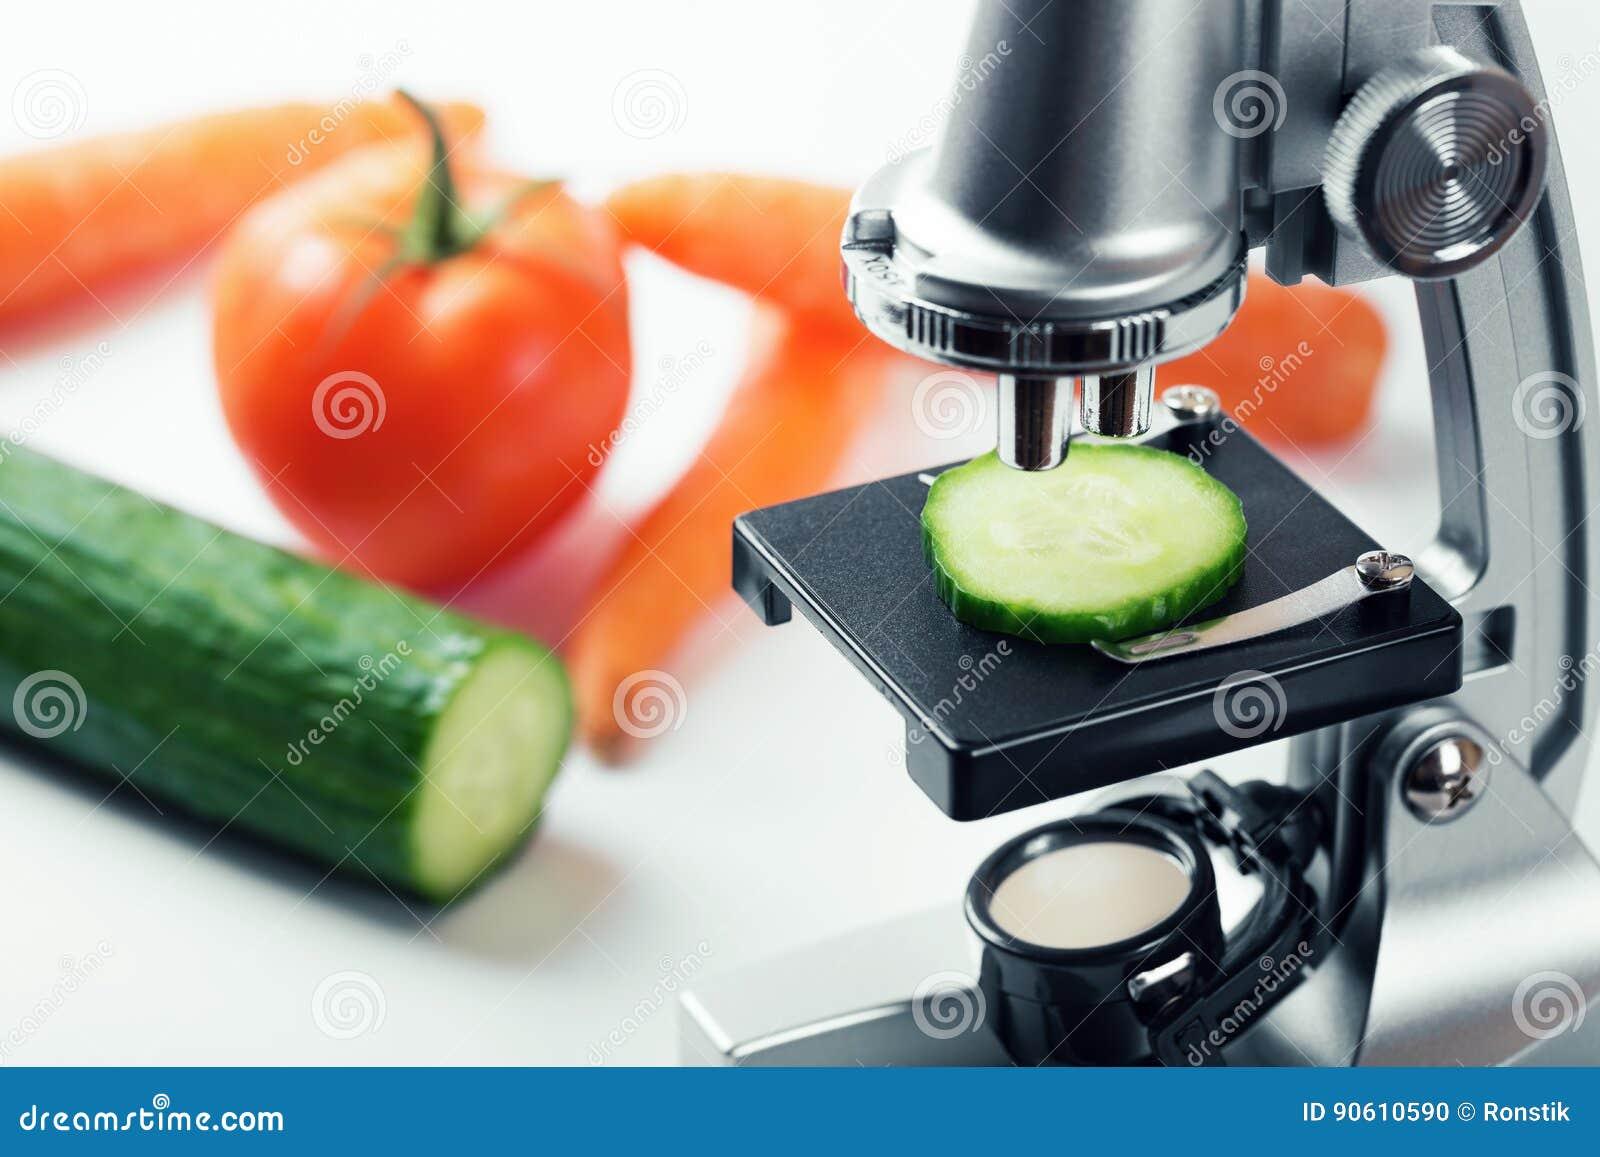 Concepto del control de calidad de la comida - inspección del pepino